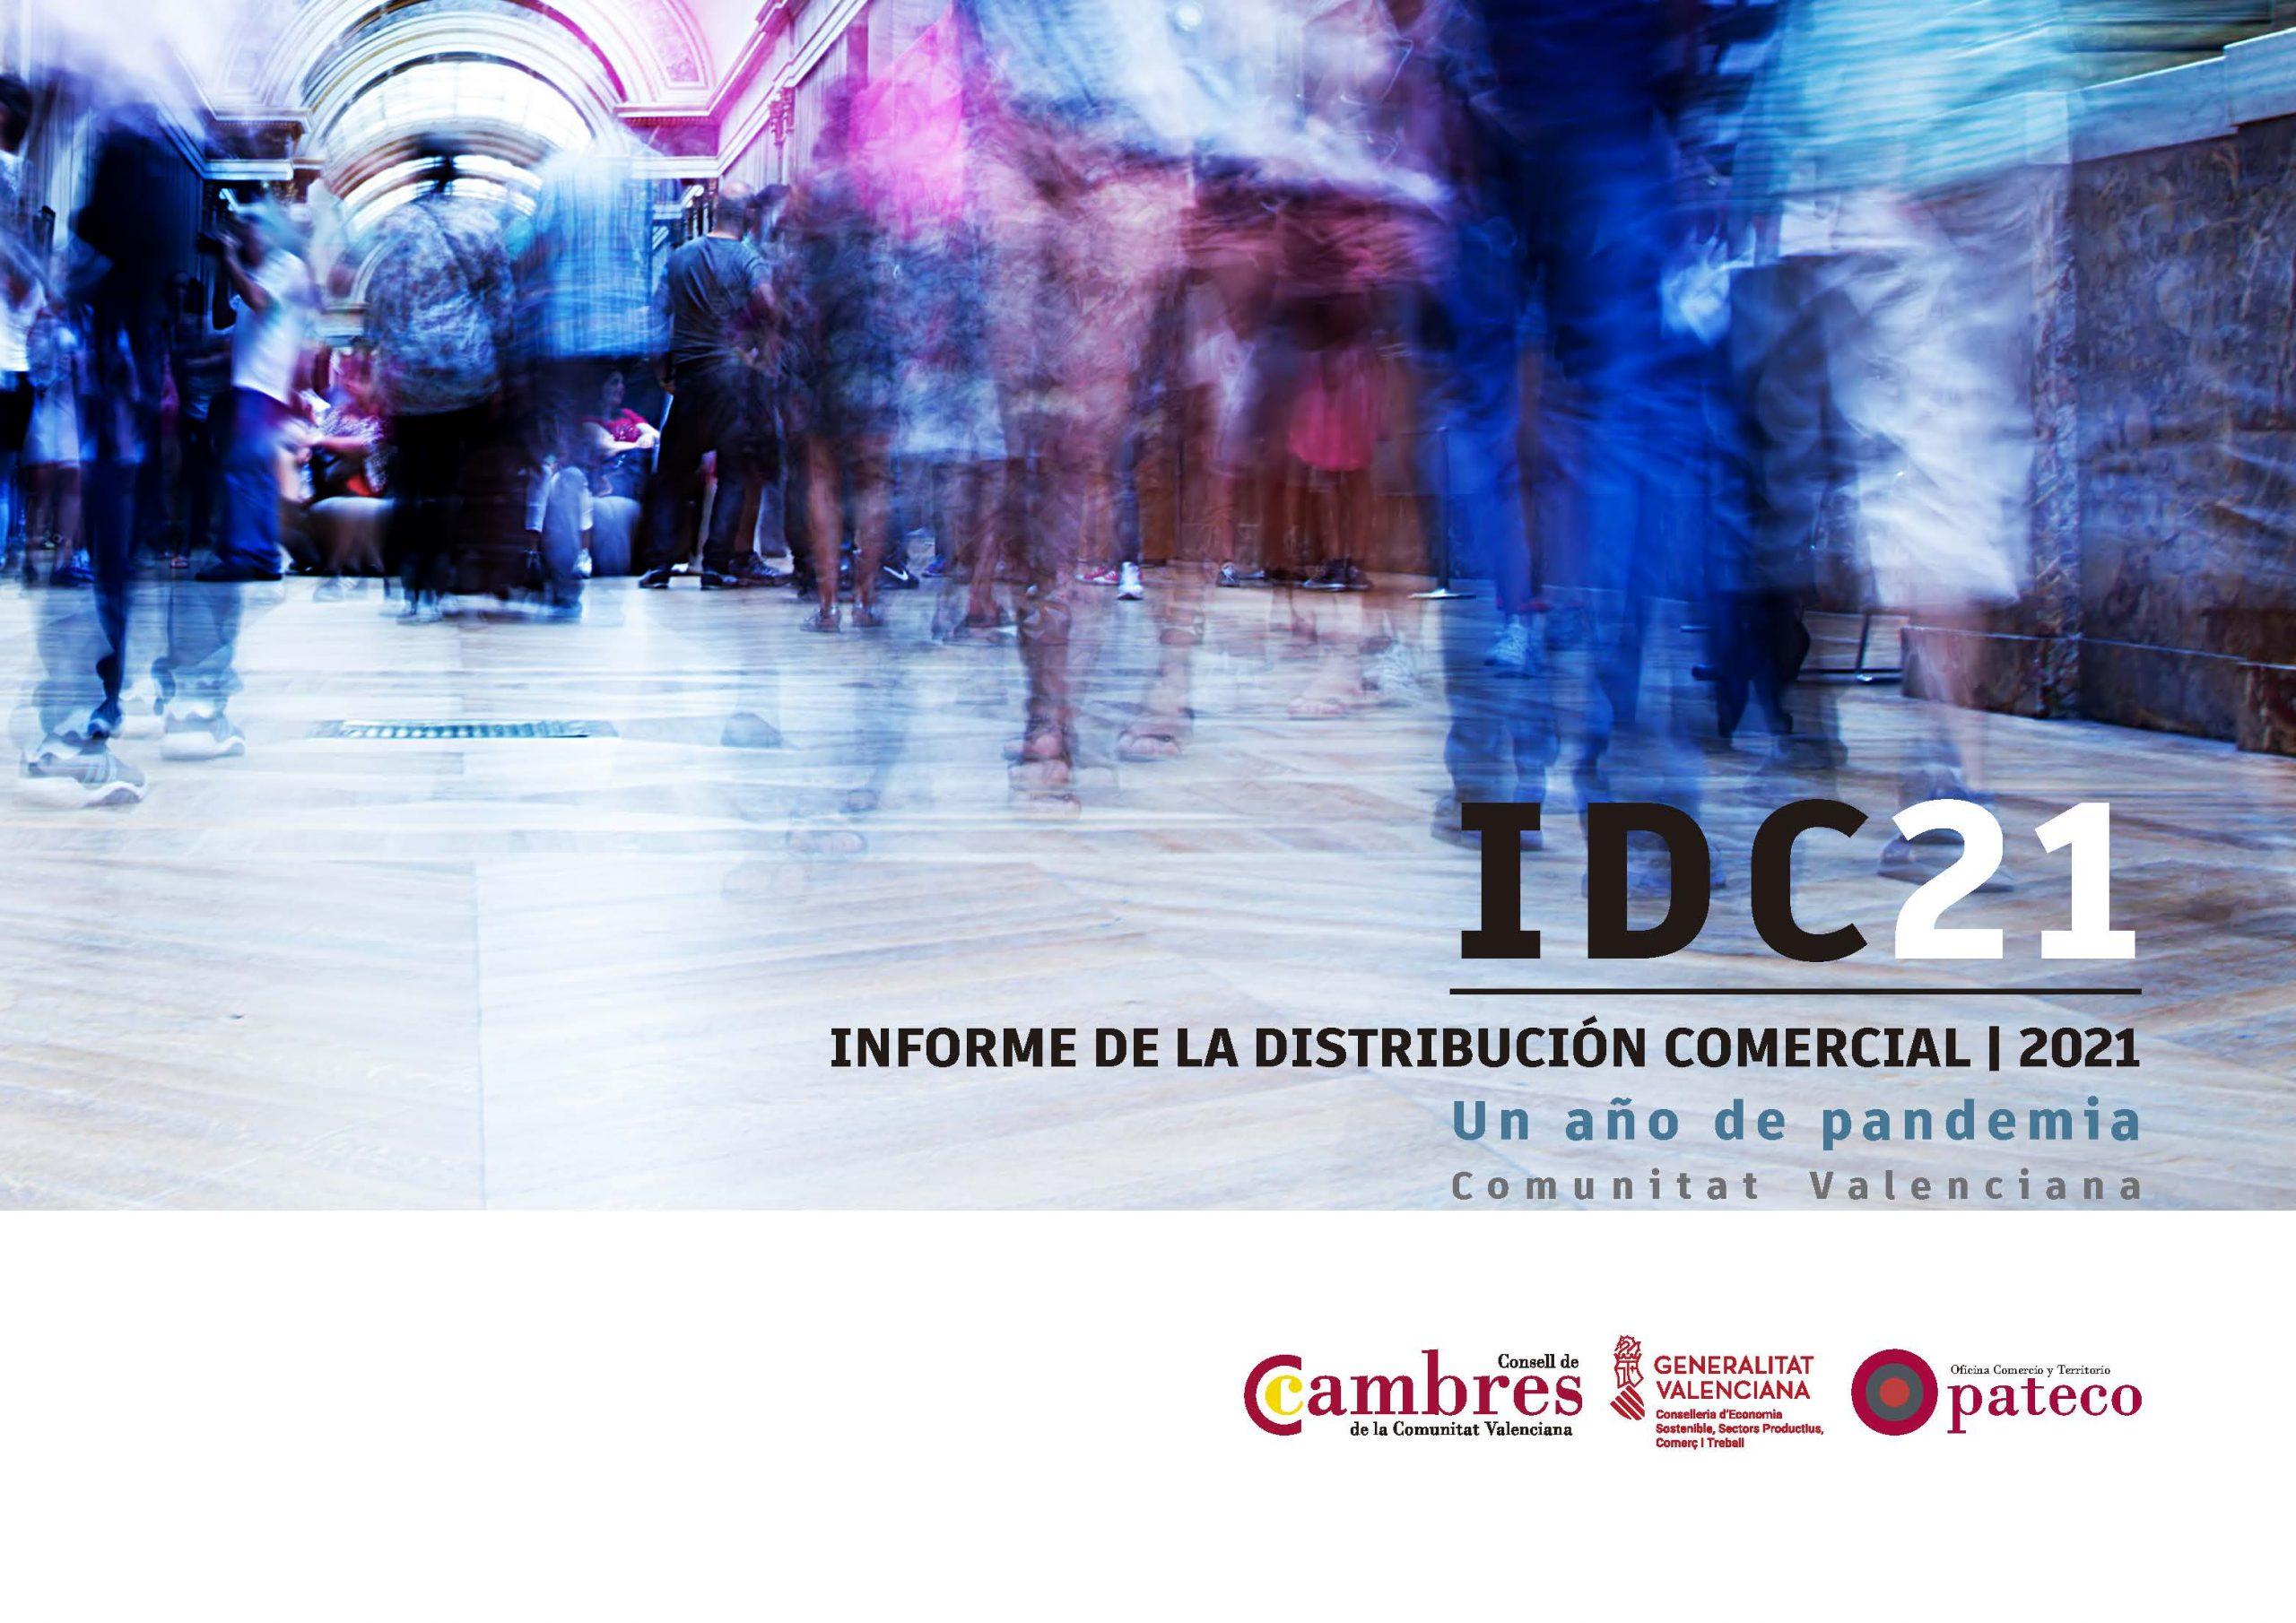 Informe PATECO de la Distribución Comercial Minorista en la Comunitat Valenciana 2021